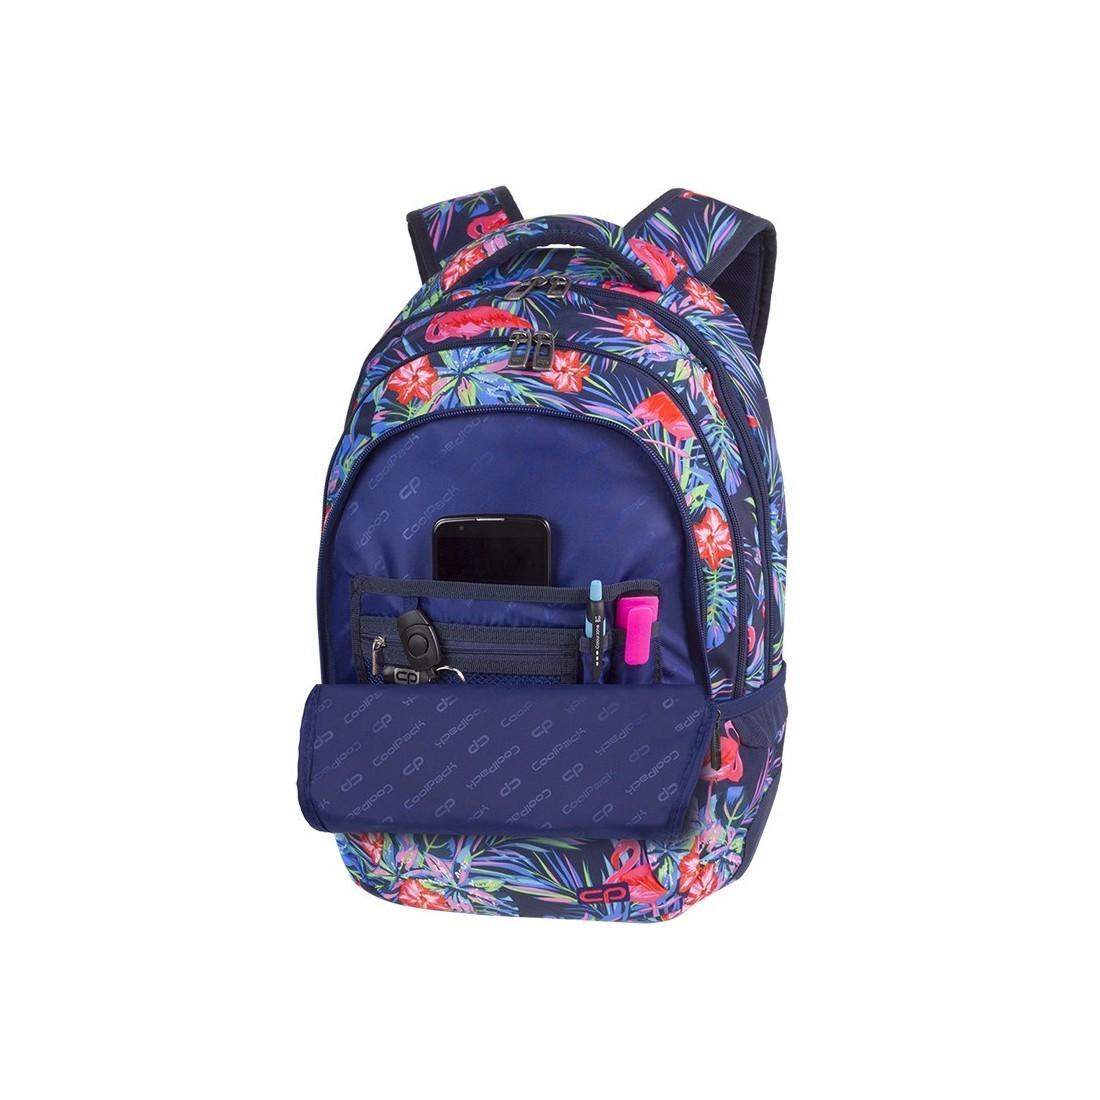 eb902233ebf92 ... Plecak młodzieżowy CoolPack CP COLLEGE PINK FLAMINGO różowe flamingi  kwiaty - 5 przegród - A478 ...